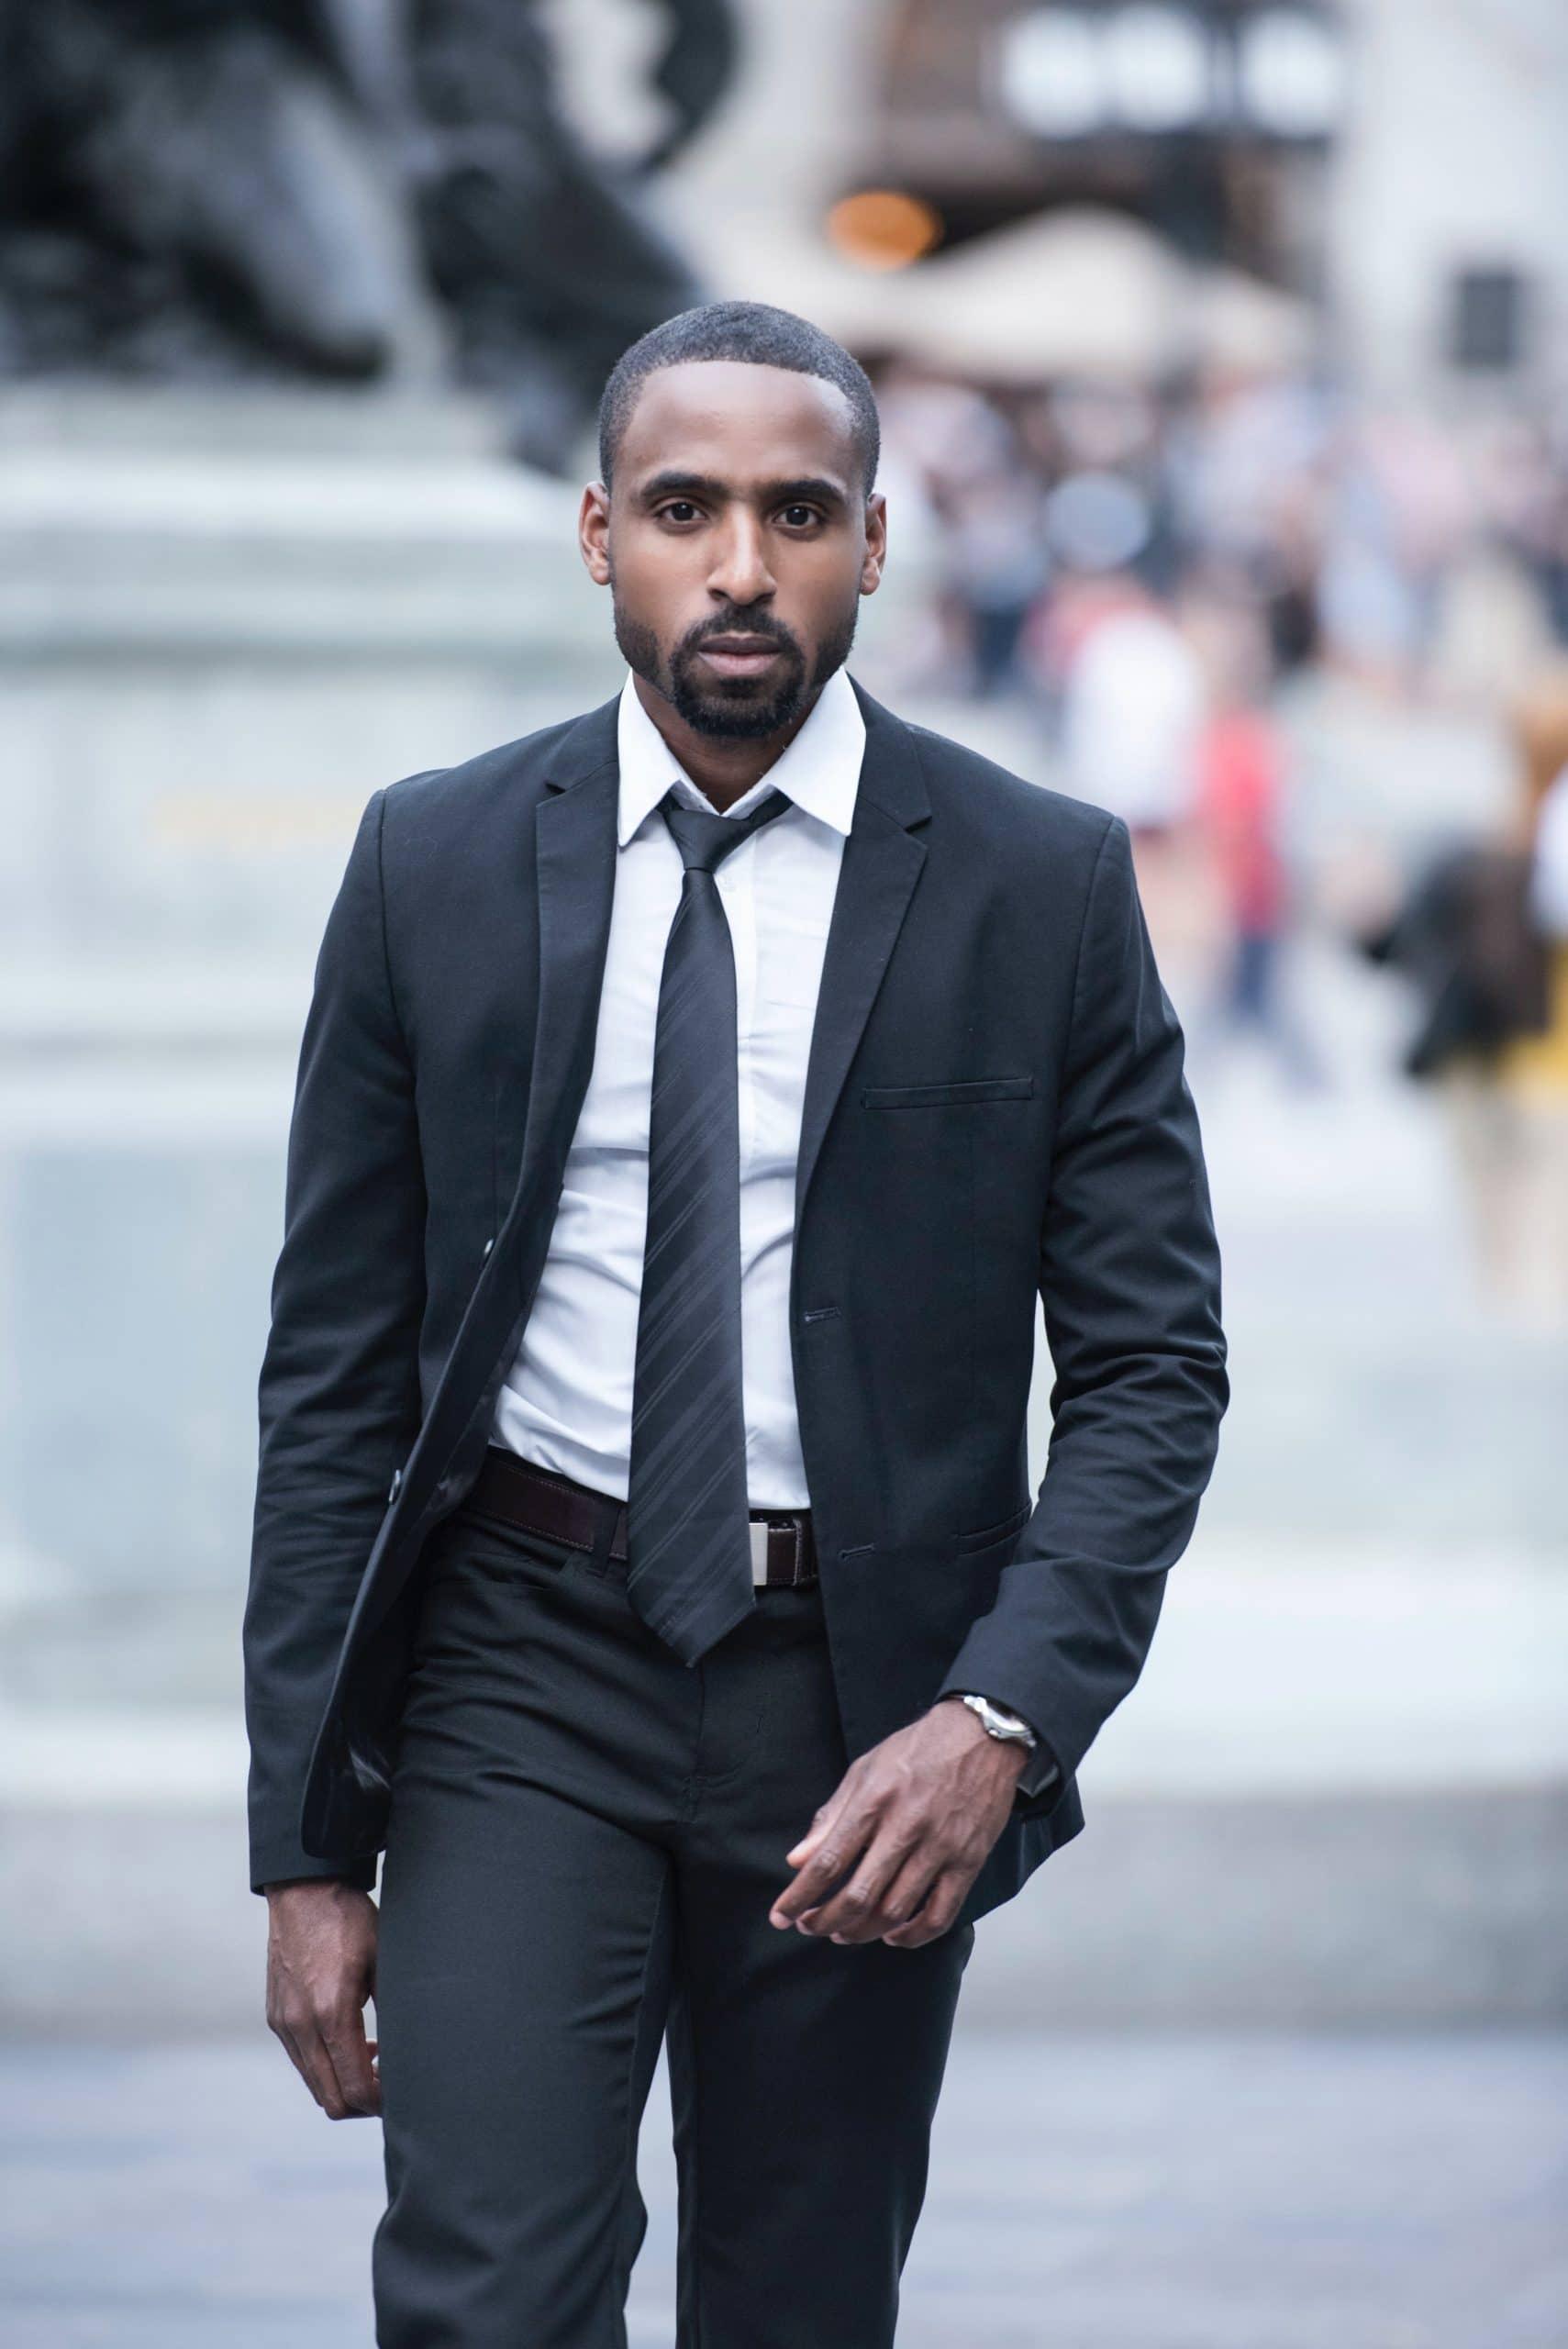 Hombre con traje bien vestido